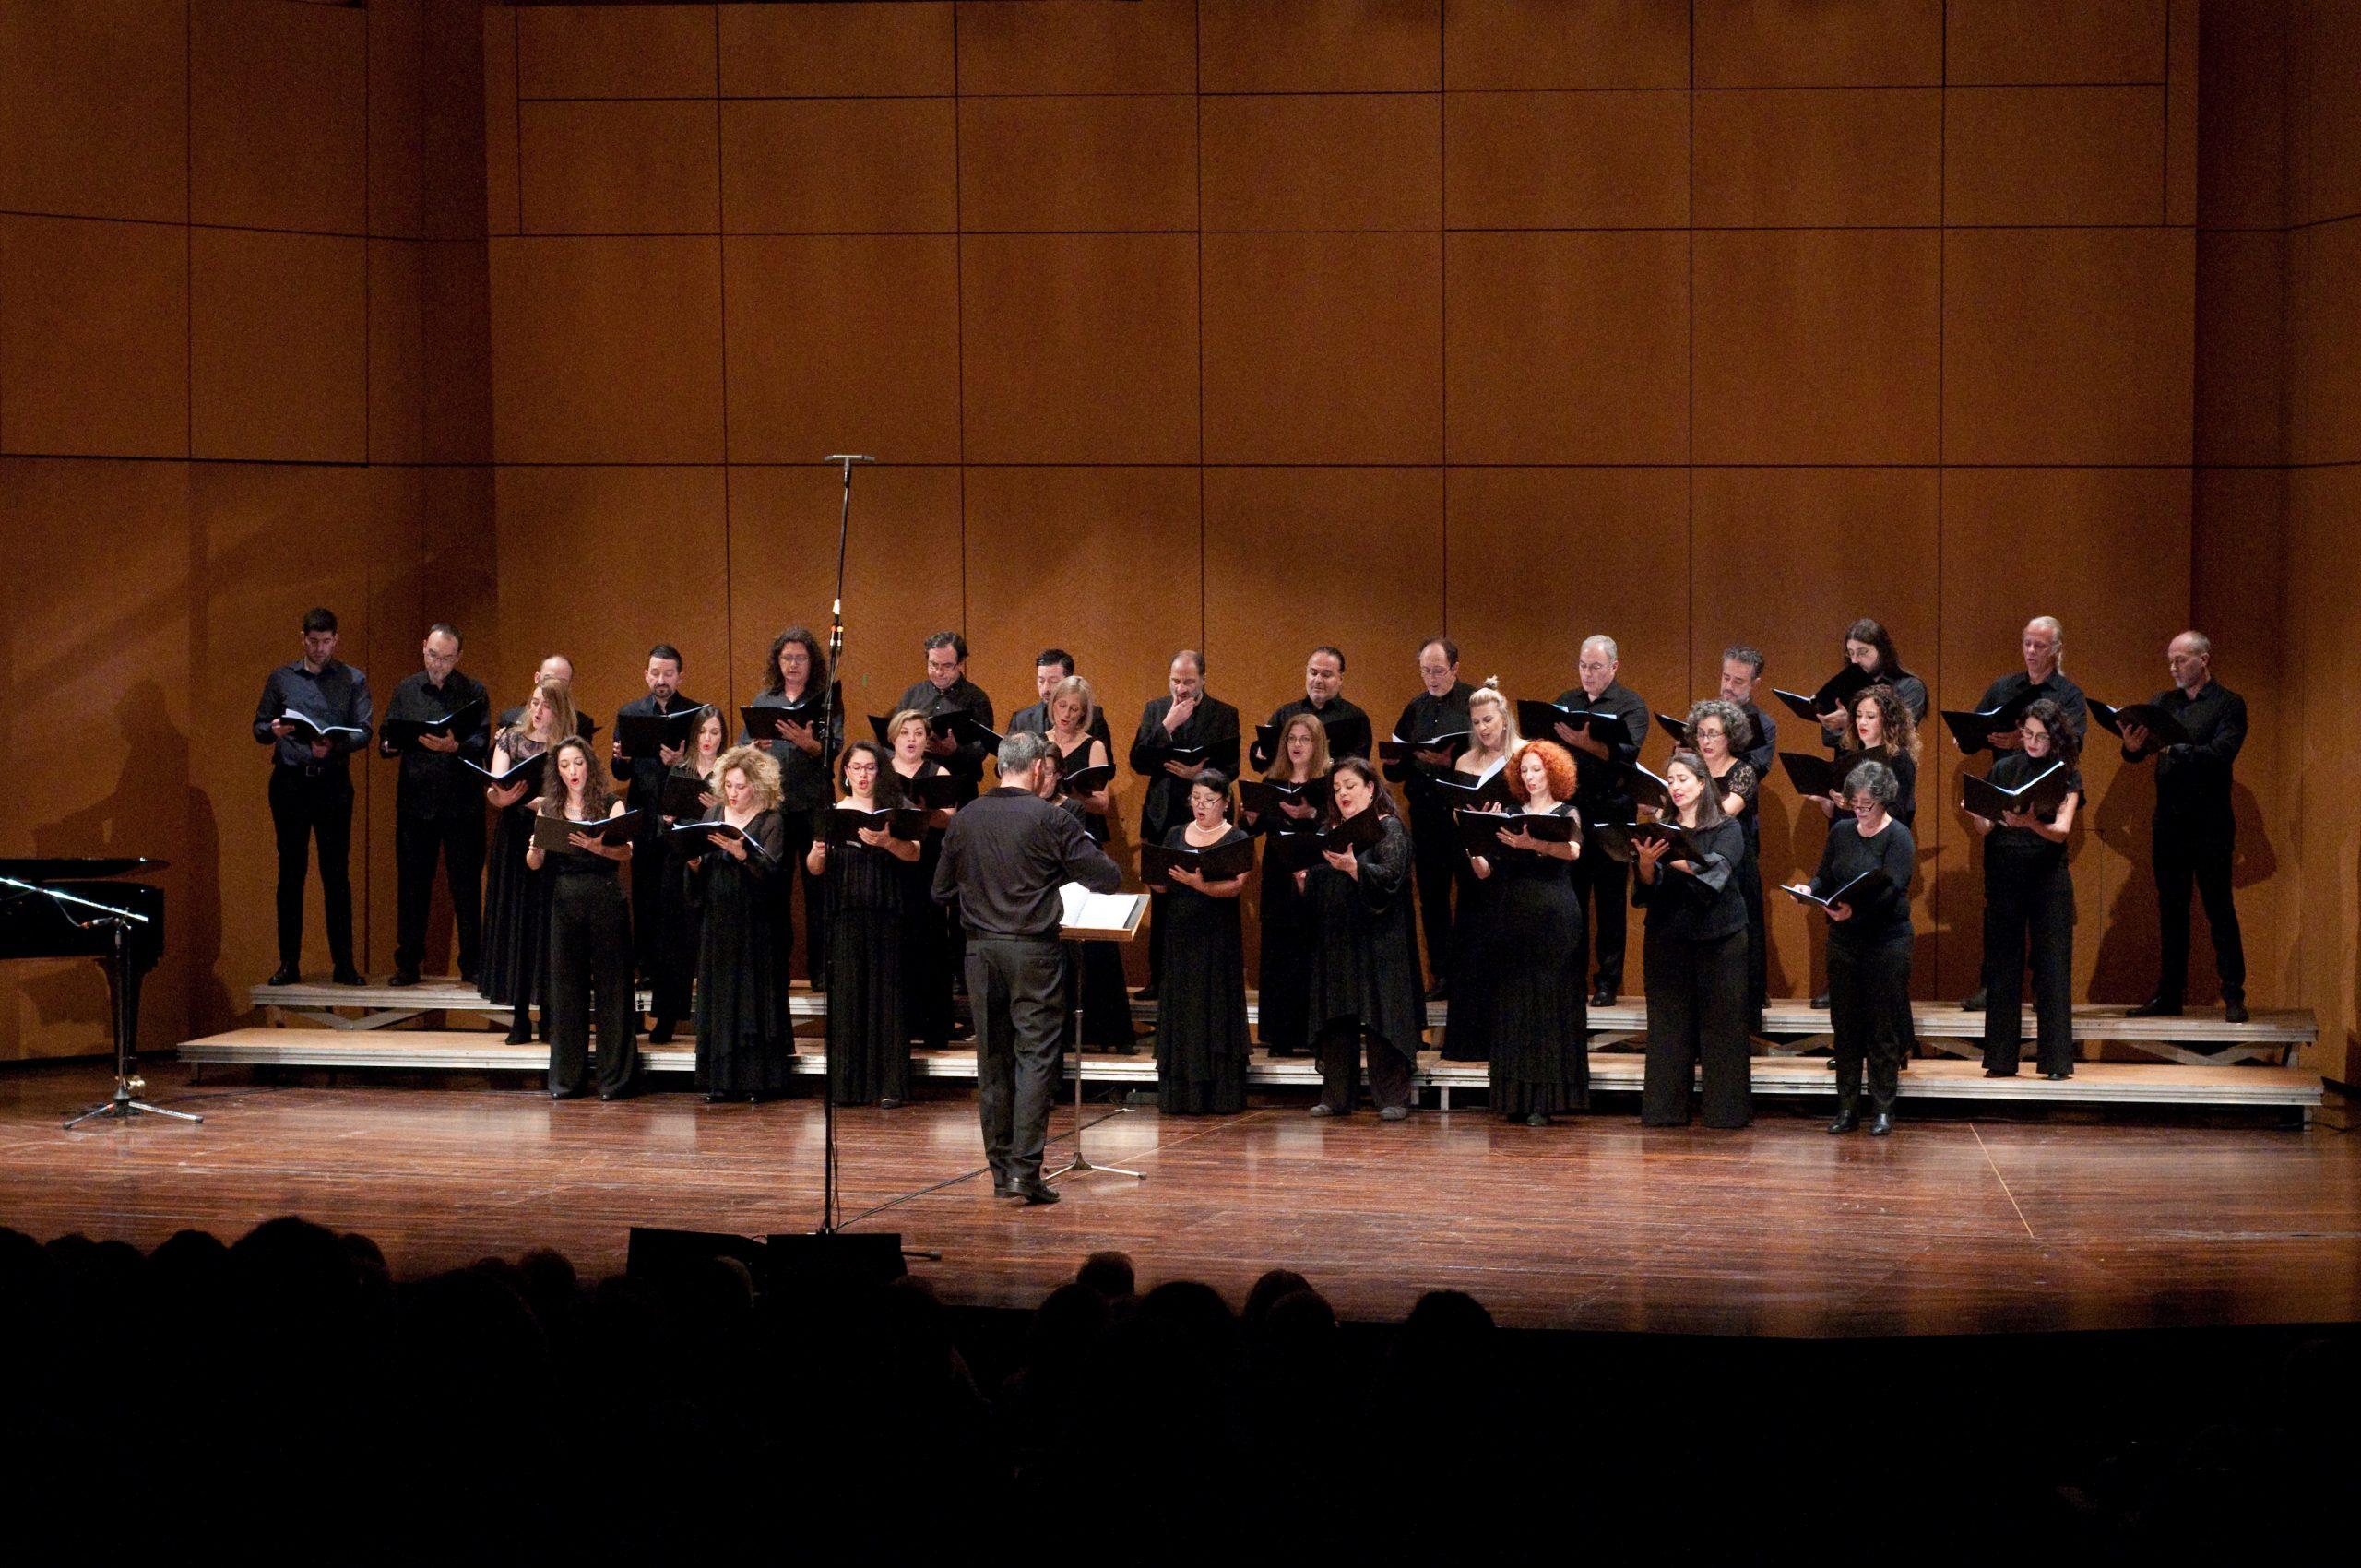 «Μικρά ρομαντικά»: Συναυλία της Χορωδίας της ΕΡΤ στην Αίθουσα Τελετών του ΑΠΘ